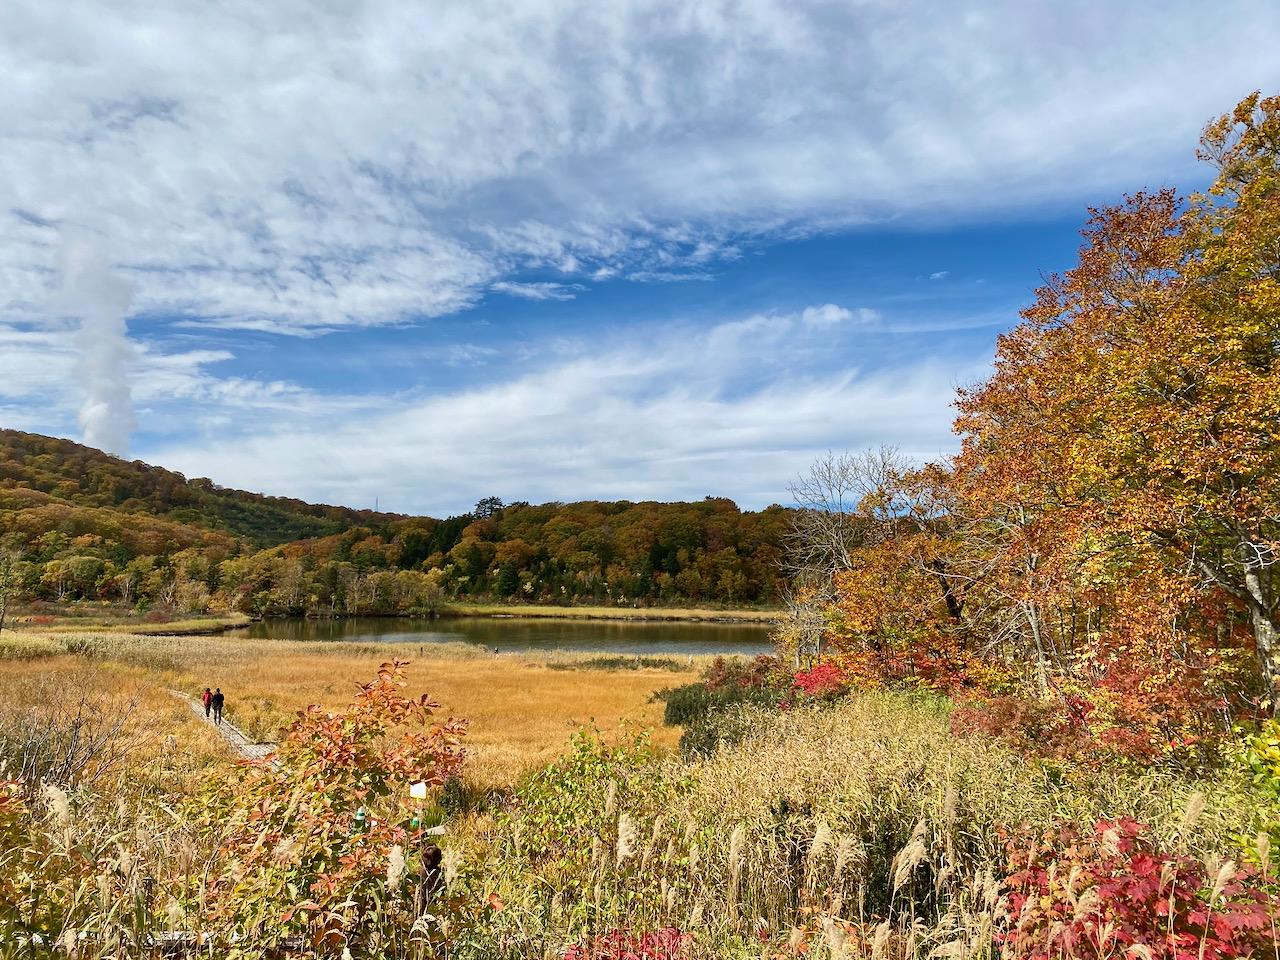 紅葉を楽しみに十和田八幡平国立公園へ。